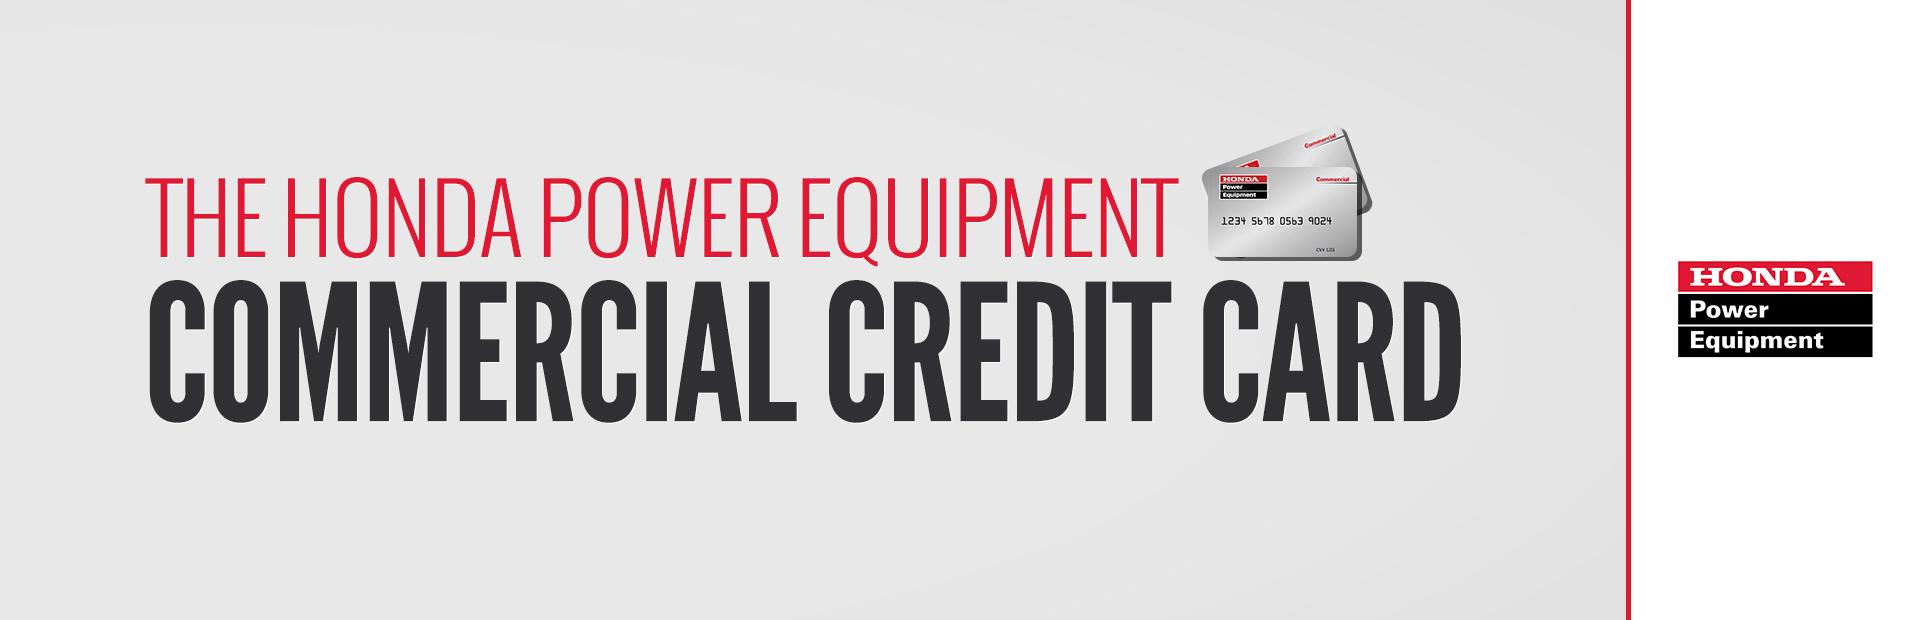 Honda power equipment the honda power equipment for Honda credit card